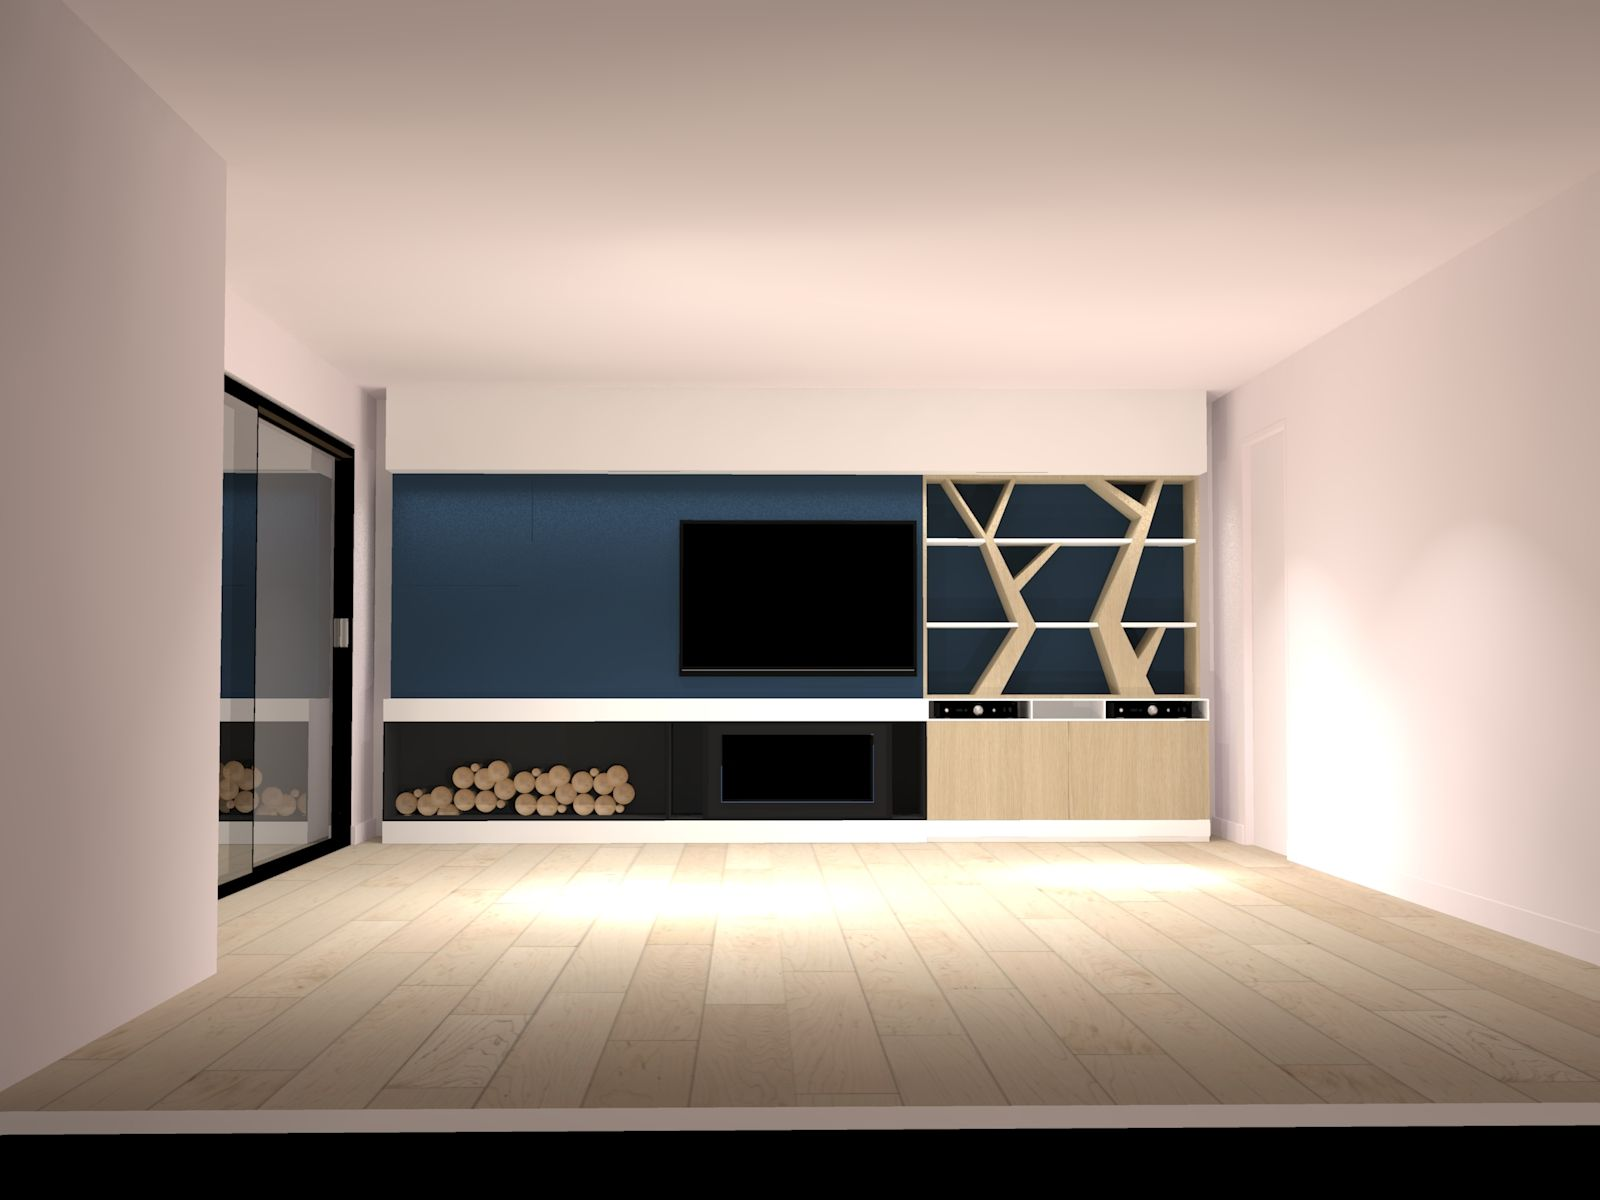 3D Design Démesure Biblioth¨que meuble TV arbre Mur bleu pétrole